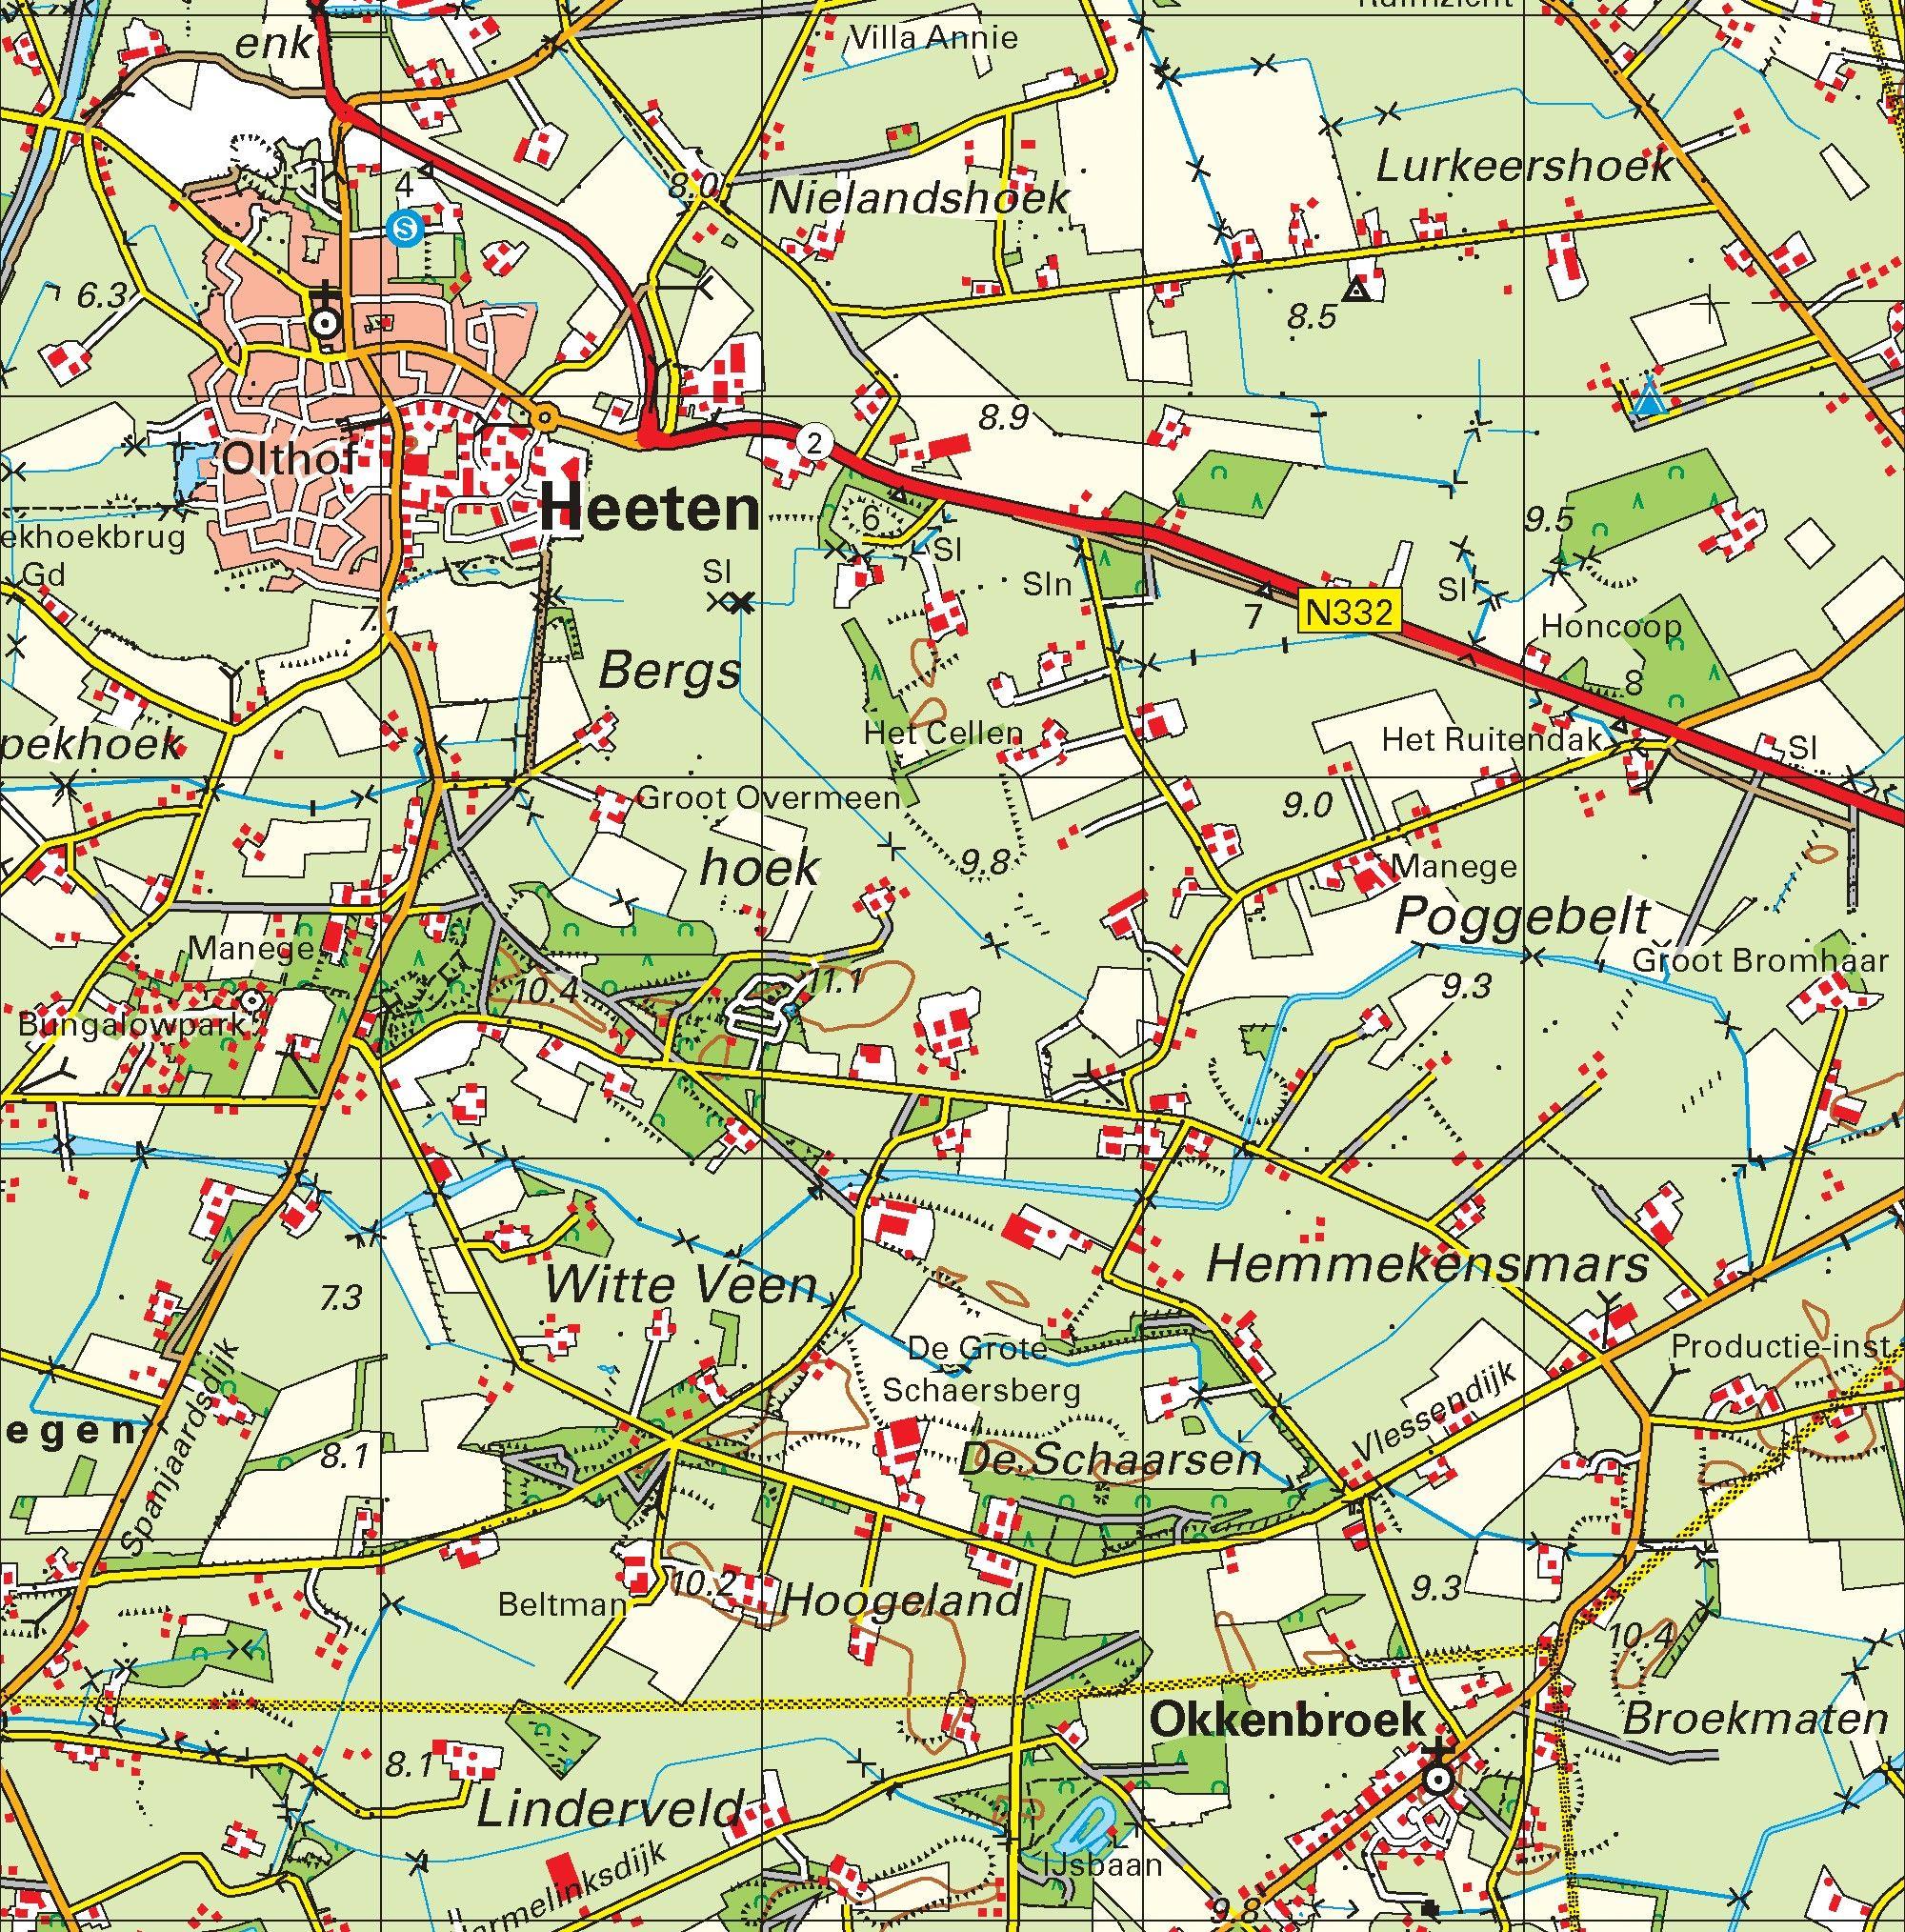 Topografische kaart schaal 1:50.000 (Raalte, Rijssen, Almelo, Zutphen, Deventer)